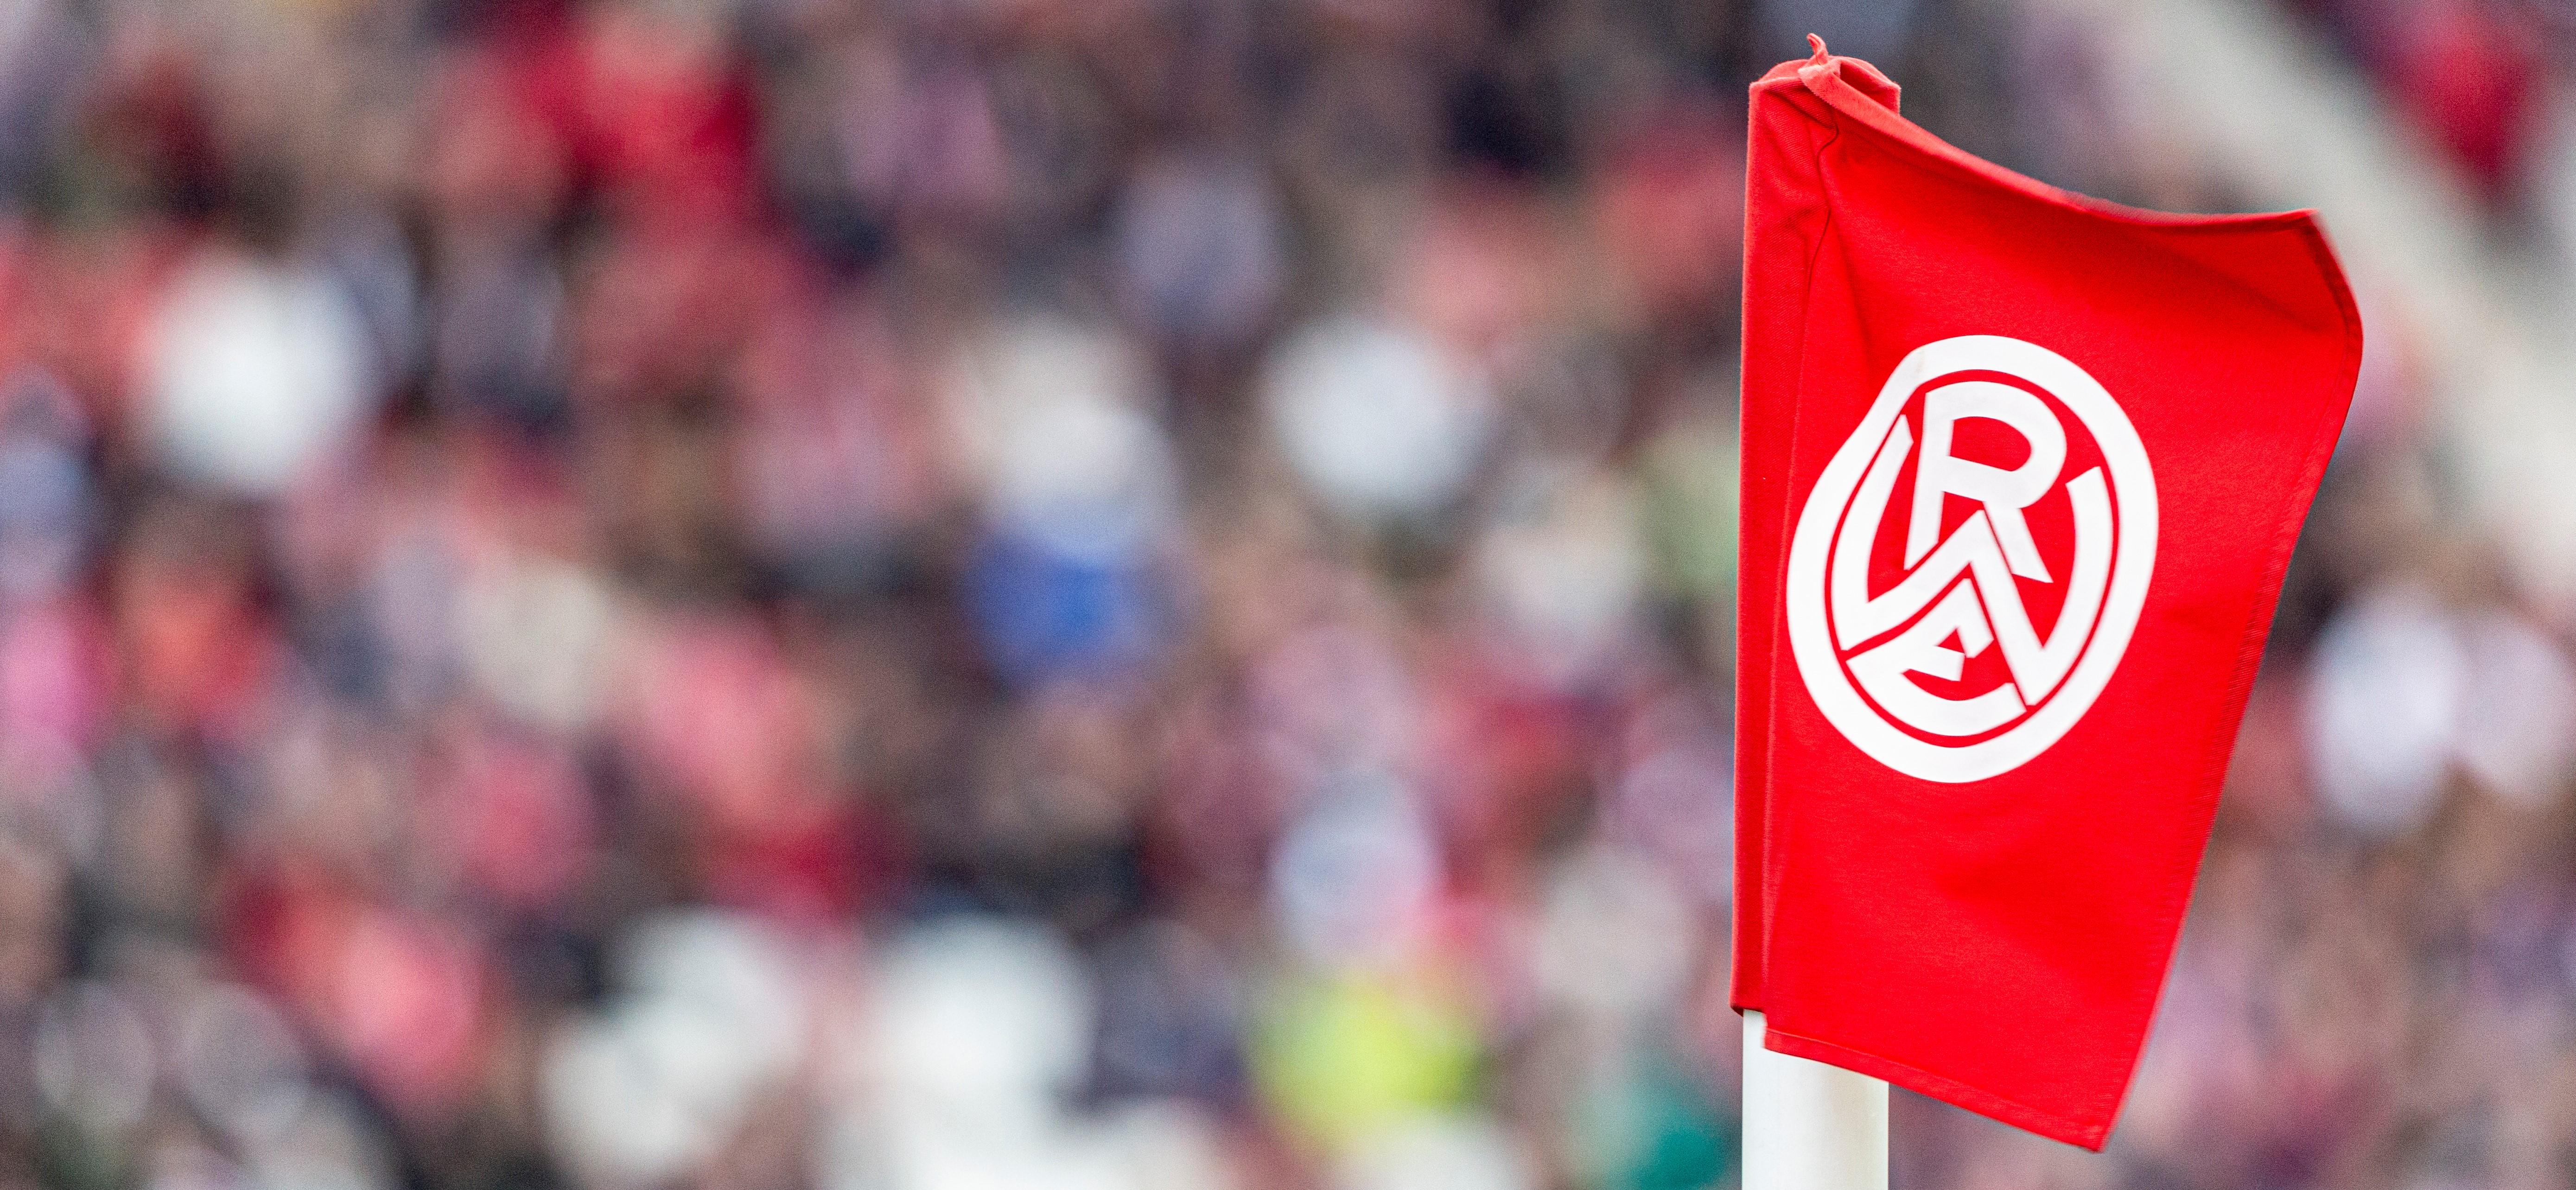 RWE tritt gegen die zweiten Mannschaften von Mönchengladbach und Schalke zu veränderter Uhrzeit an.